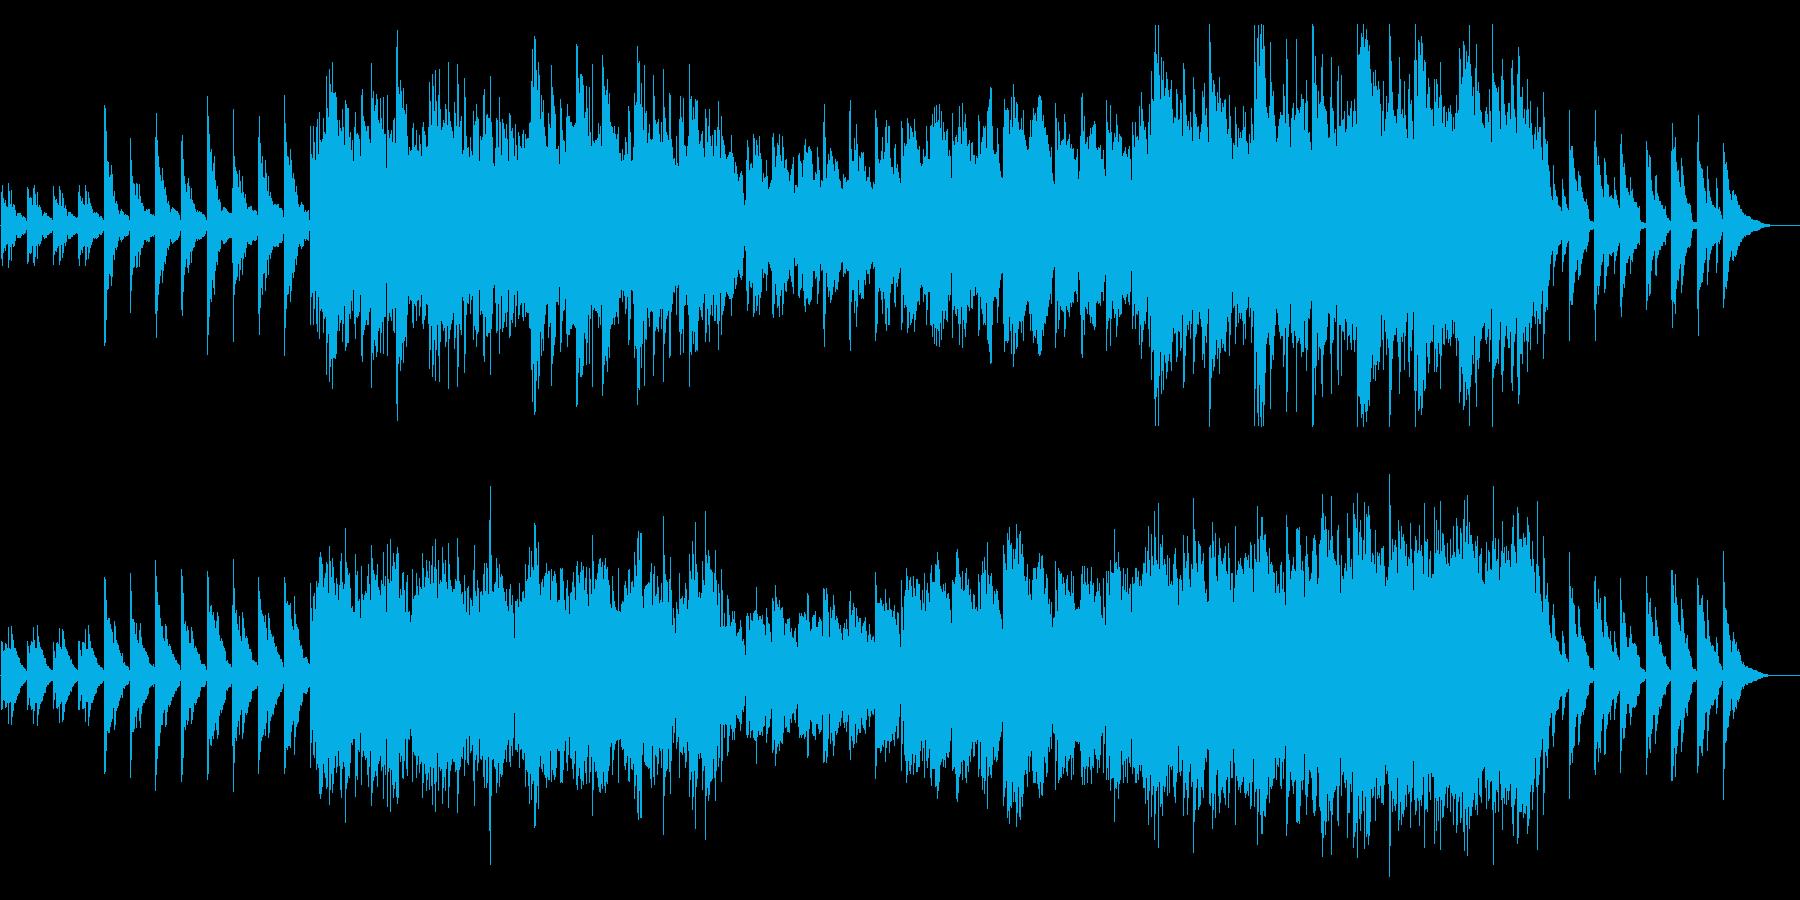 水鏡 幻想的 ピアノとストリングスの再生済みの波形